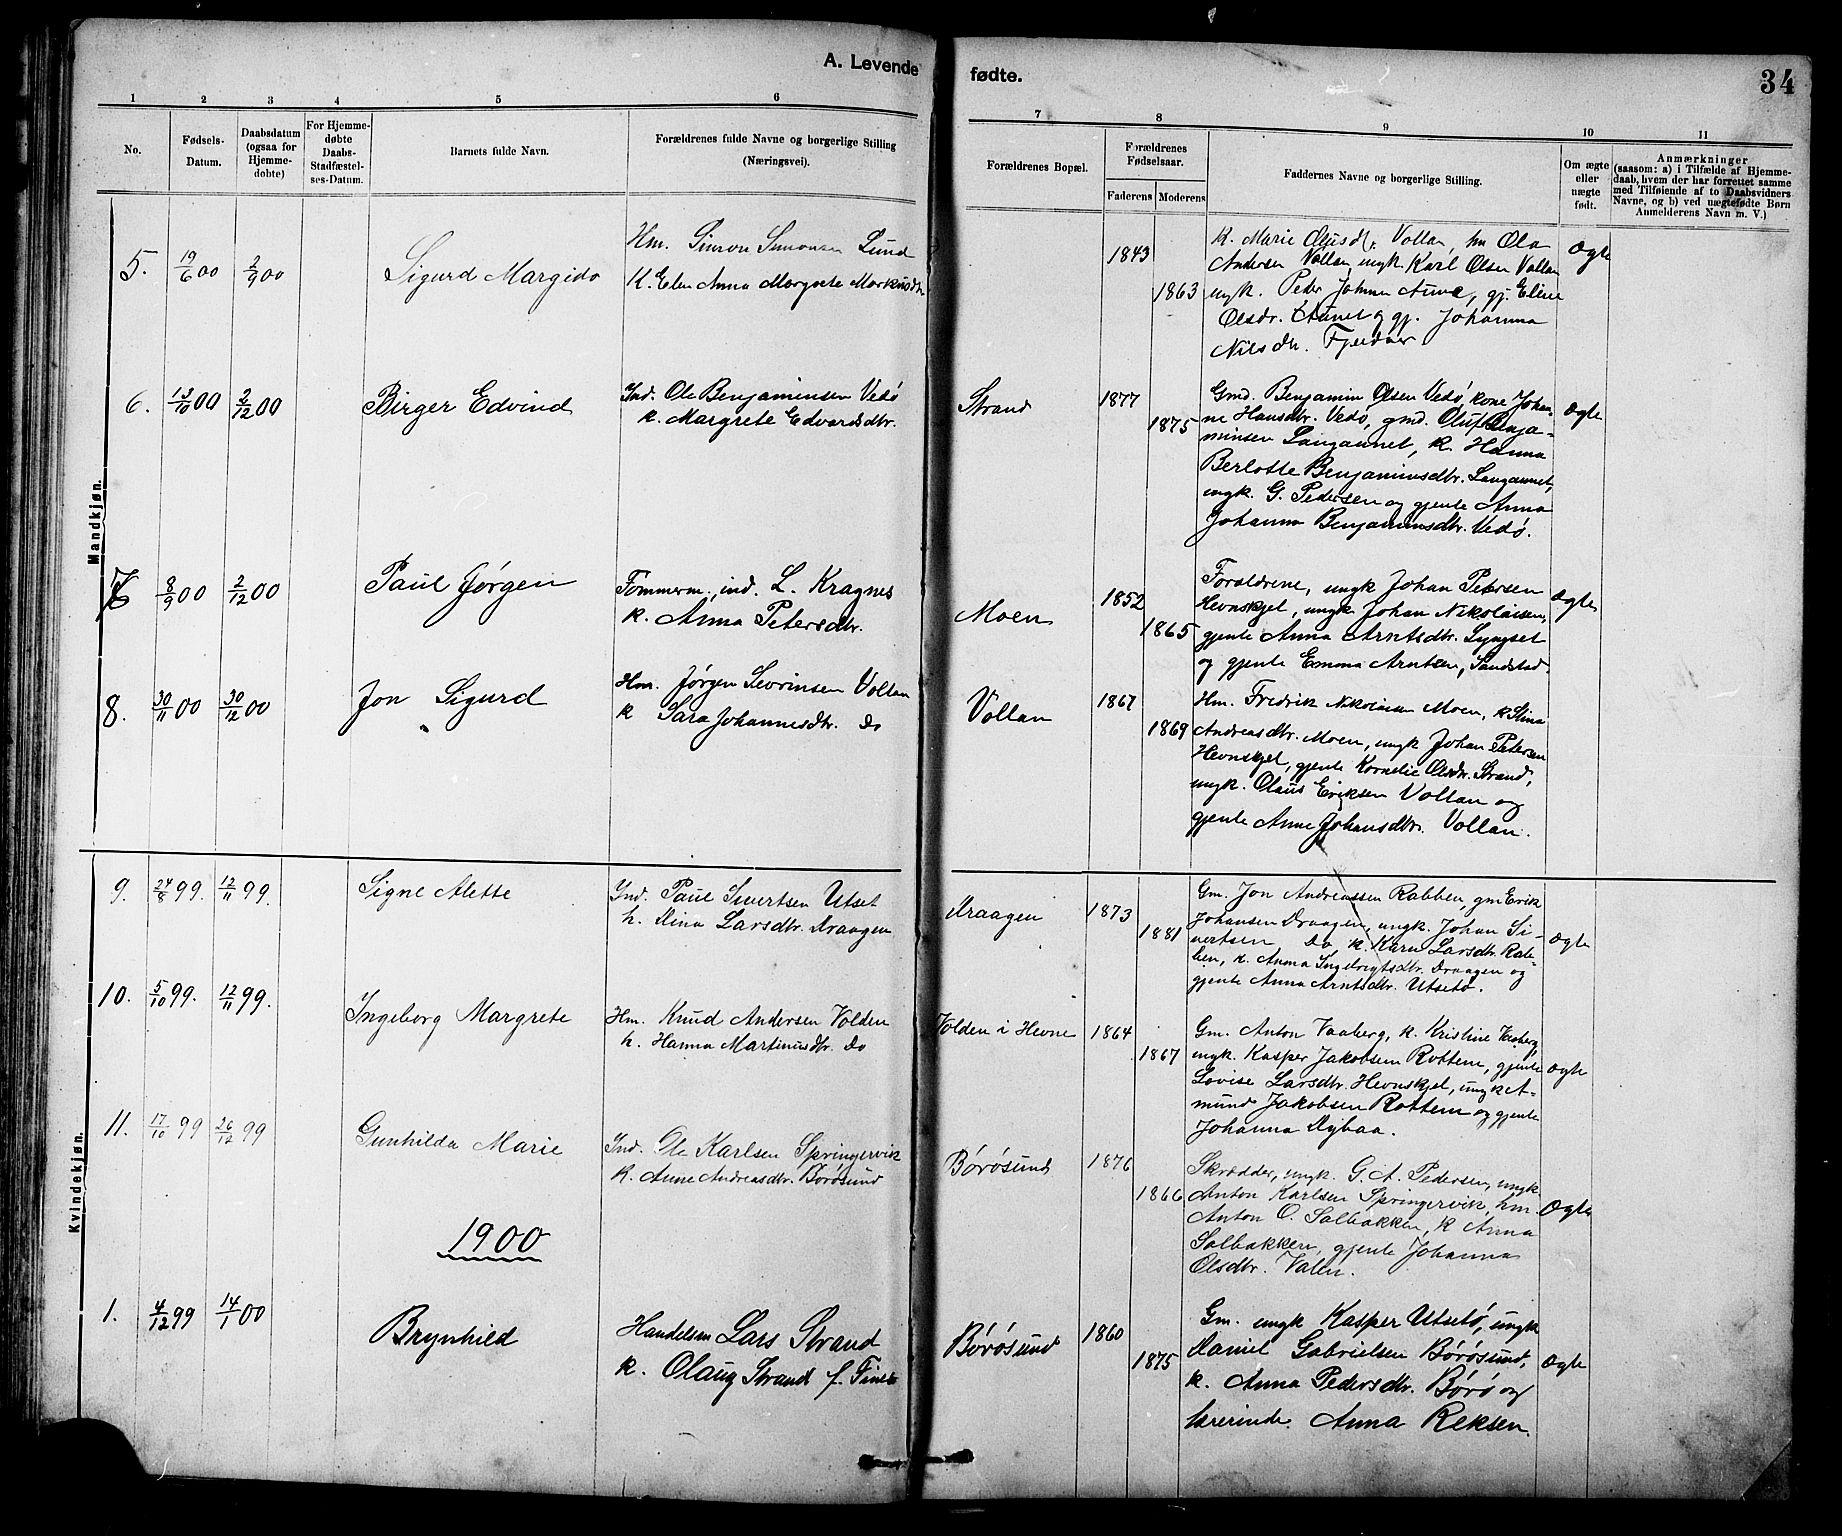 SAT, Ministerialprotokoller, klokkerbøker og fødselsregistre - Sør-Trøndelag, 639/L0573: Klokkerbok nr. 639C01, 1890-1905, s. 34